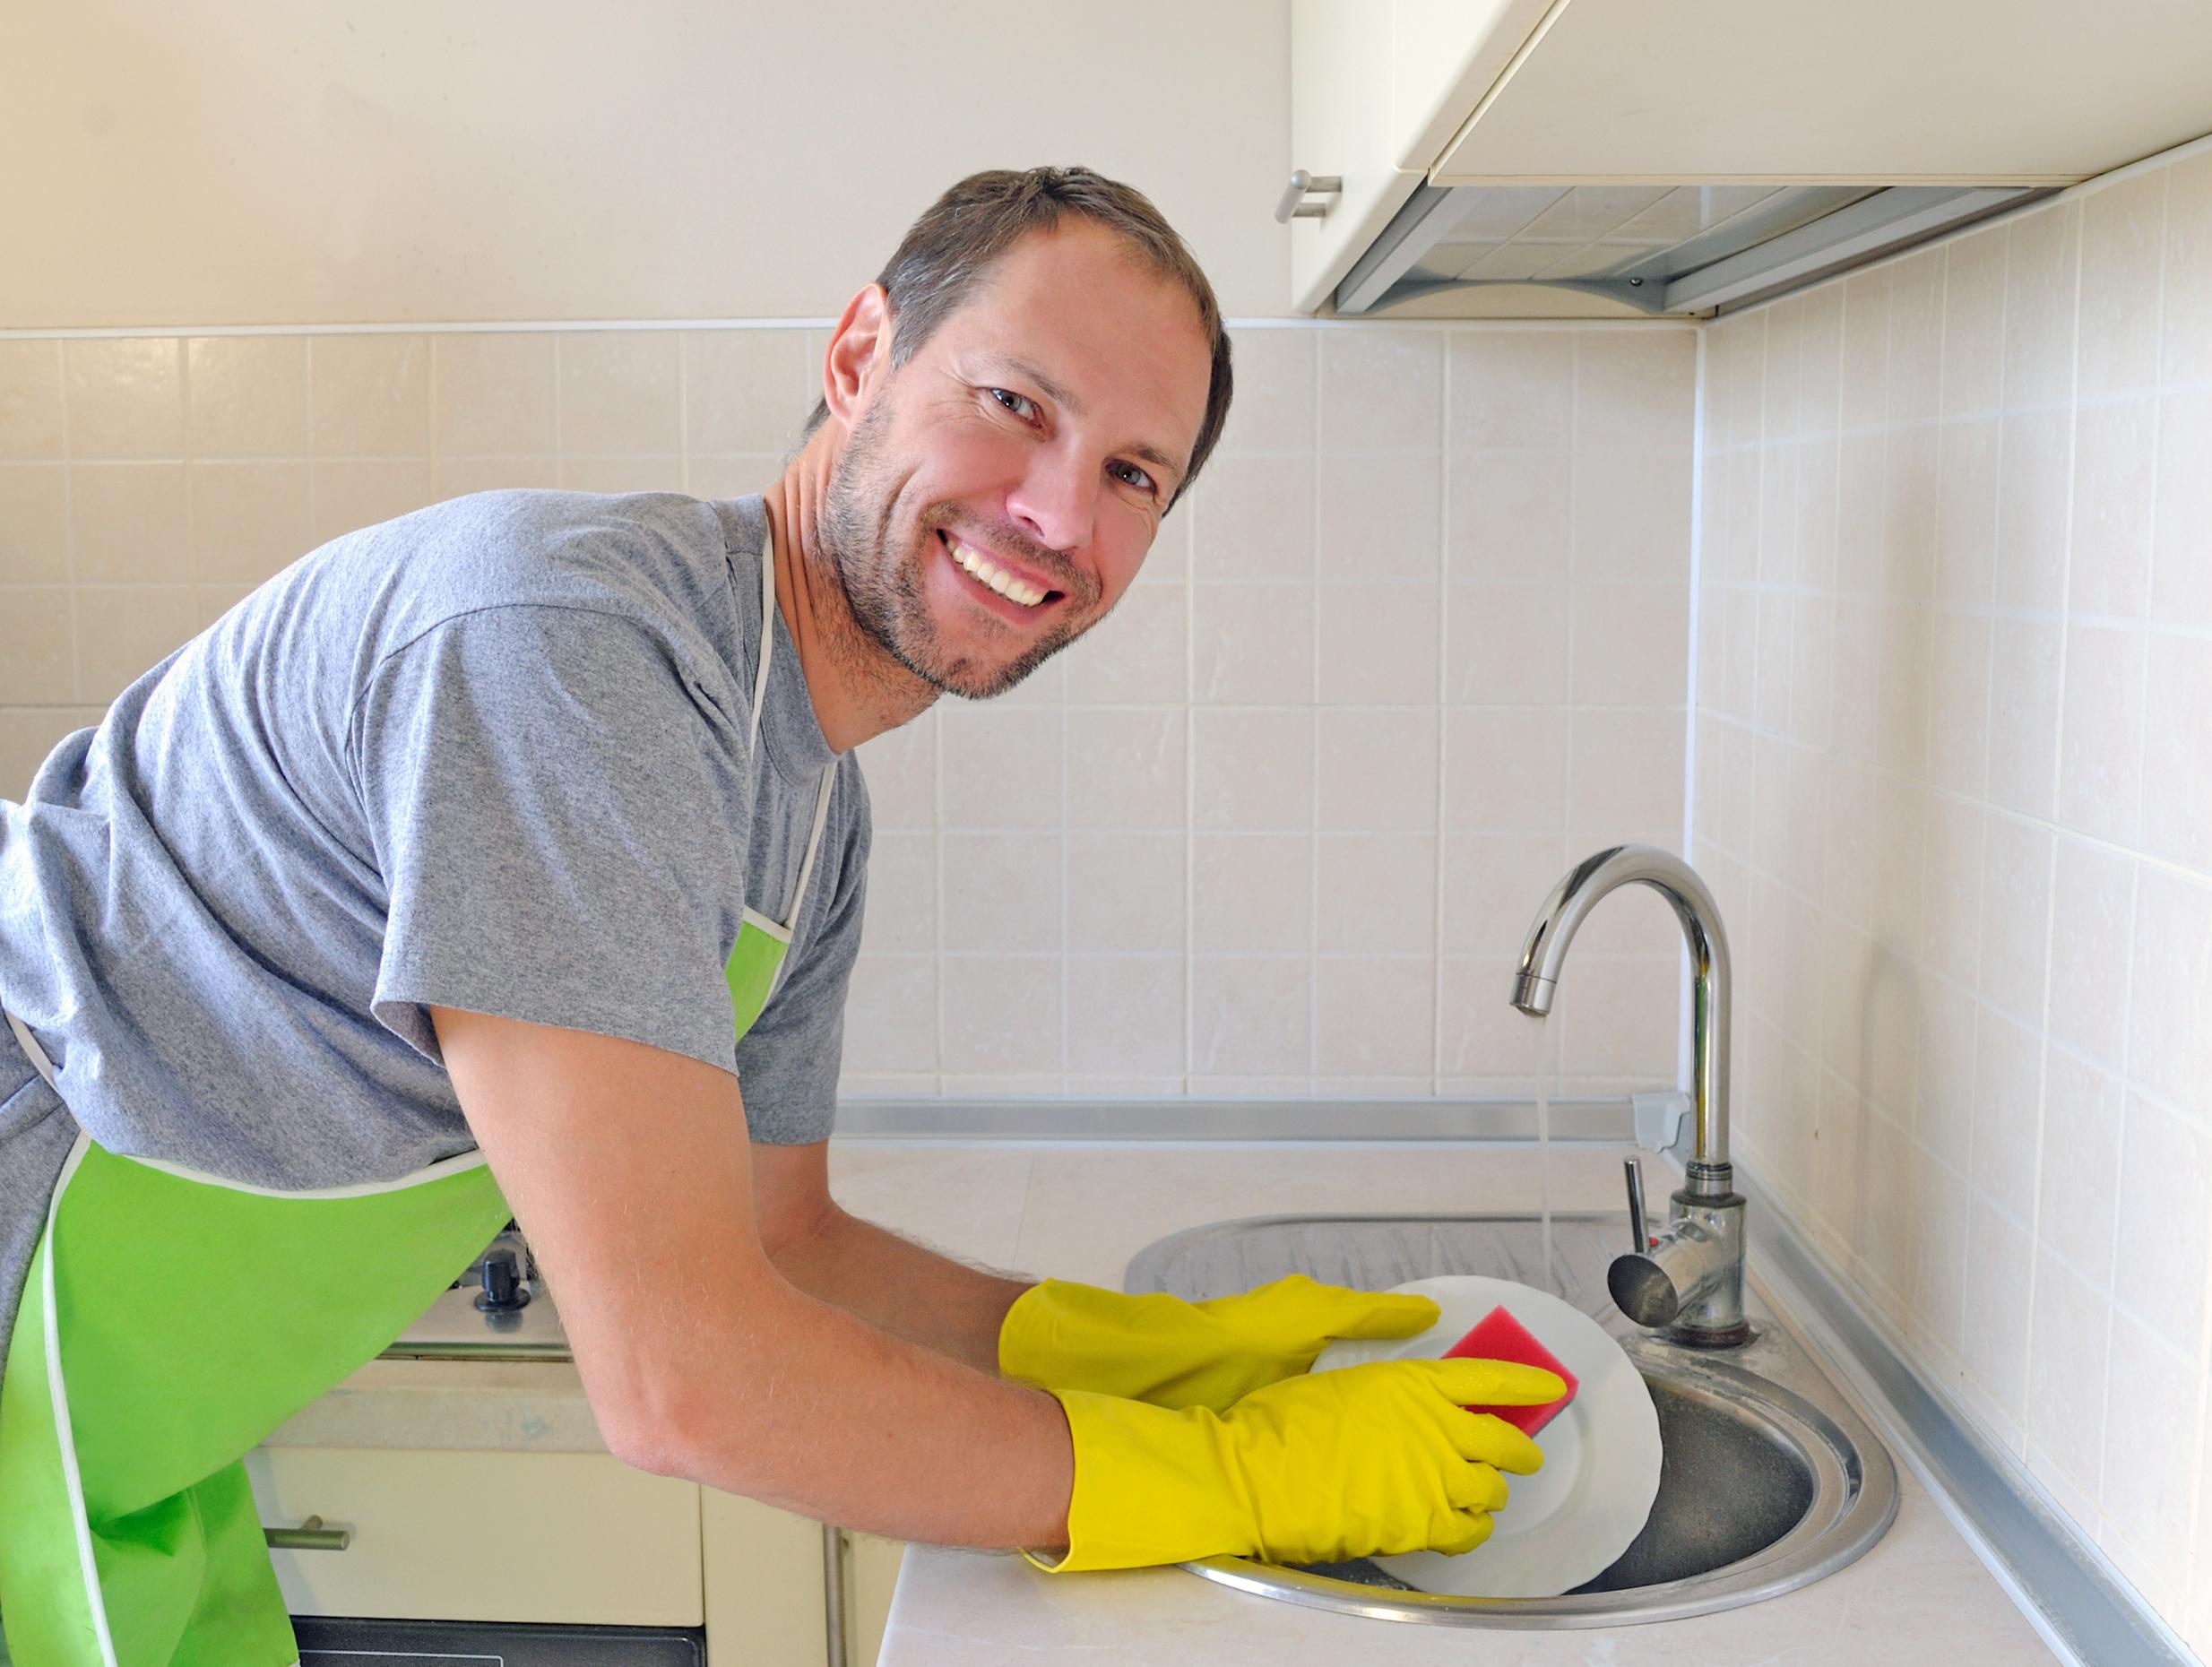 Fysisk aktivitet som hushållsarbete kan bidra till att du kan sova längre.